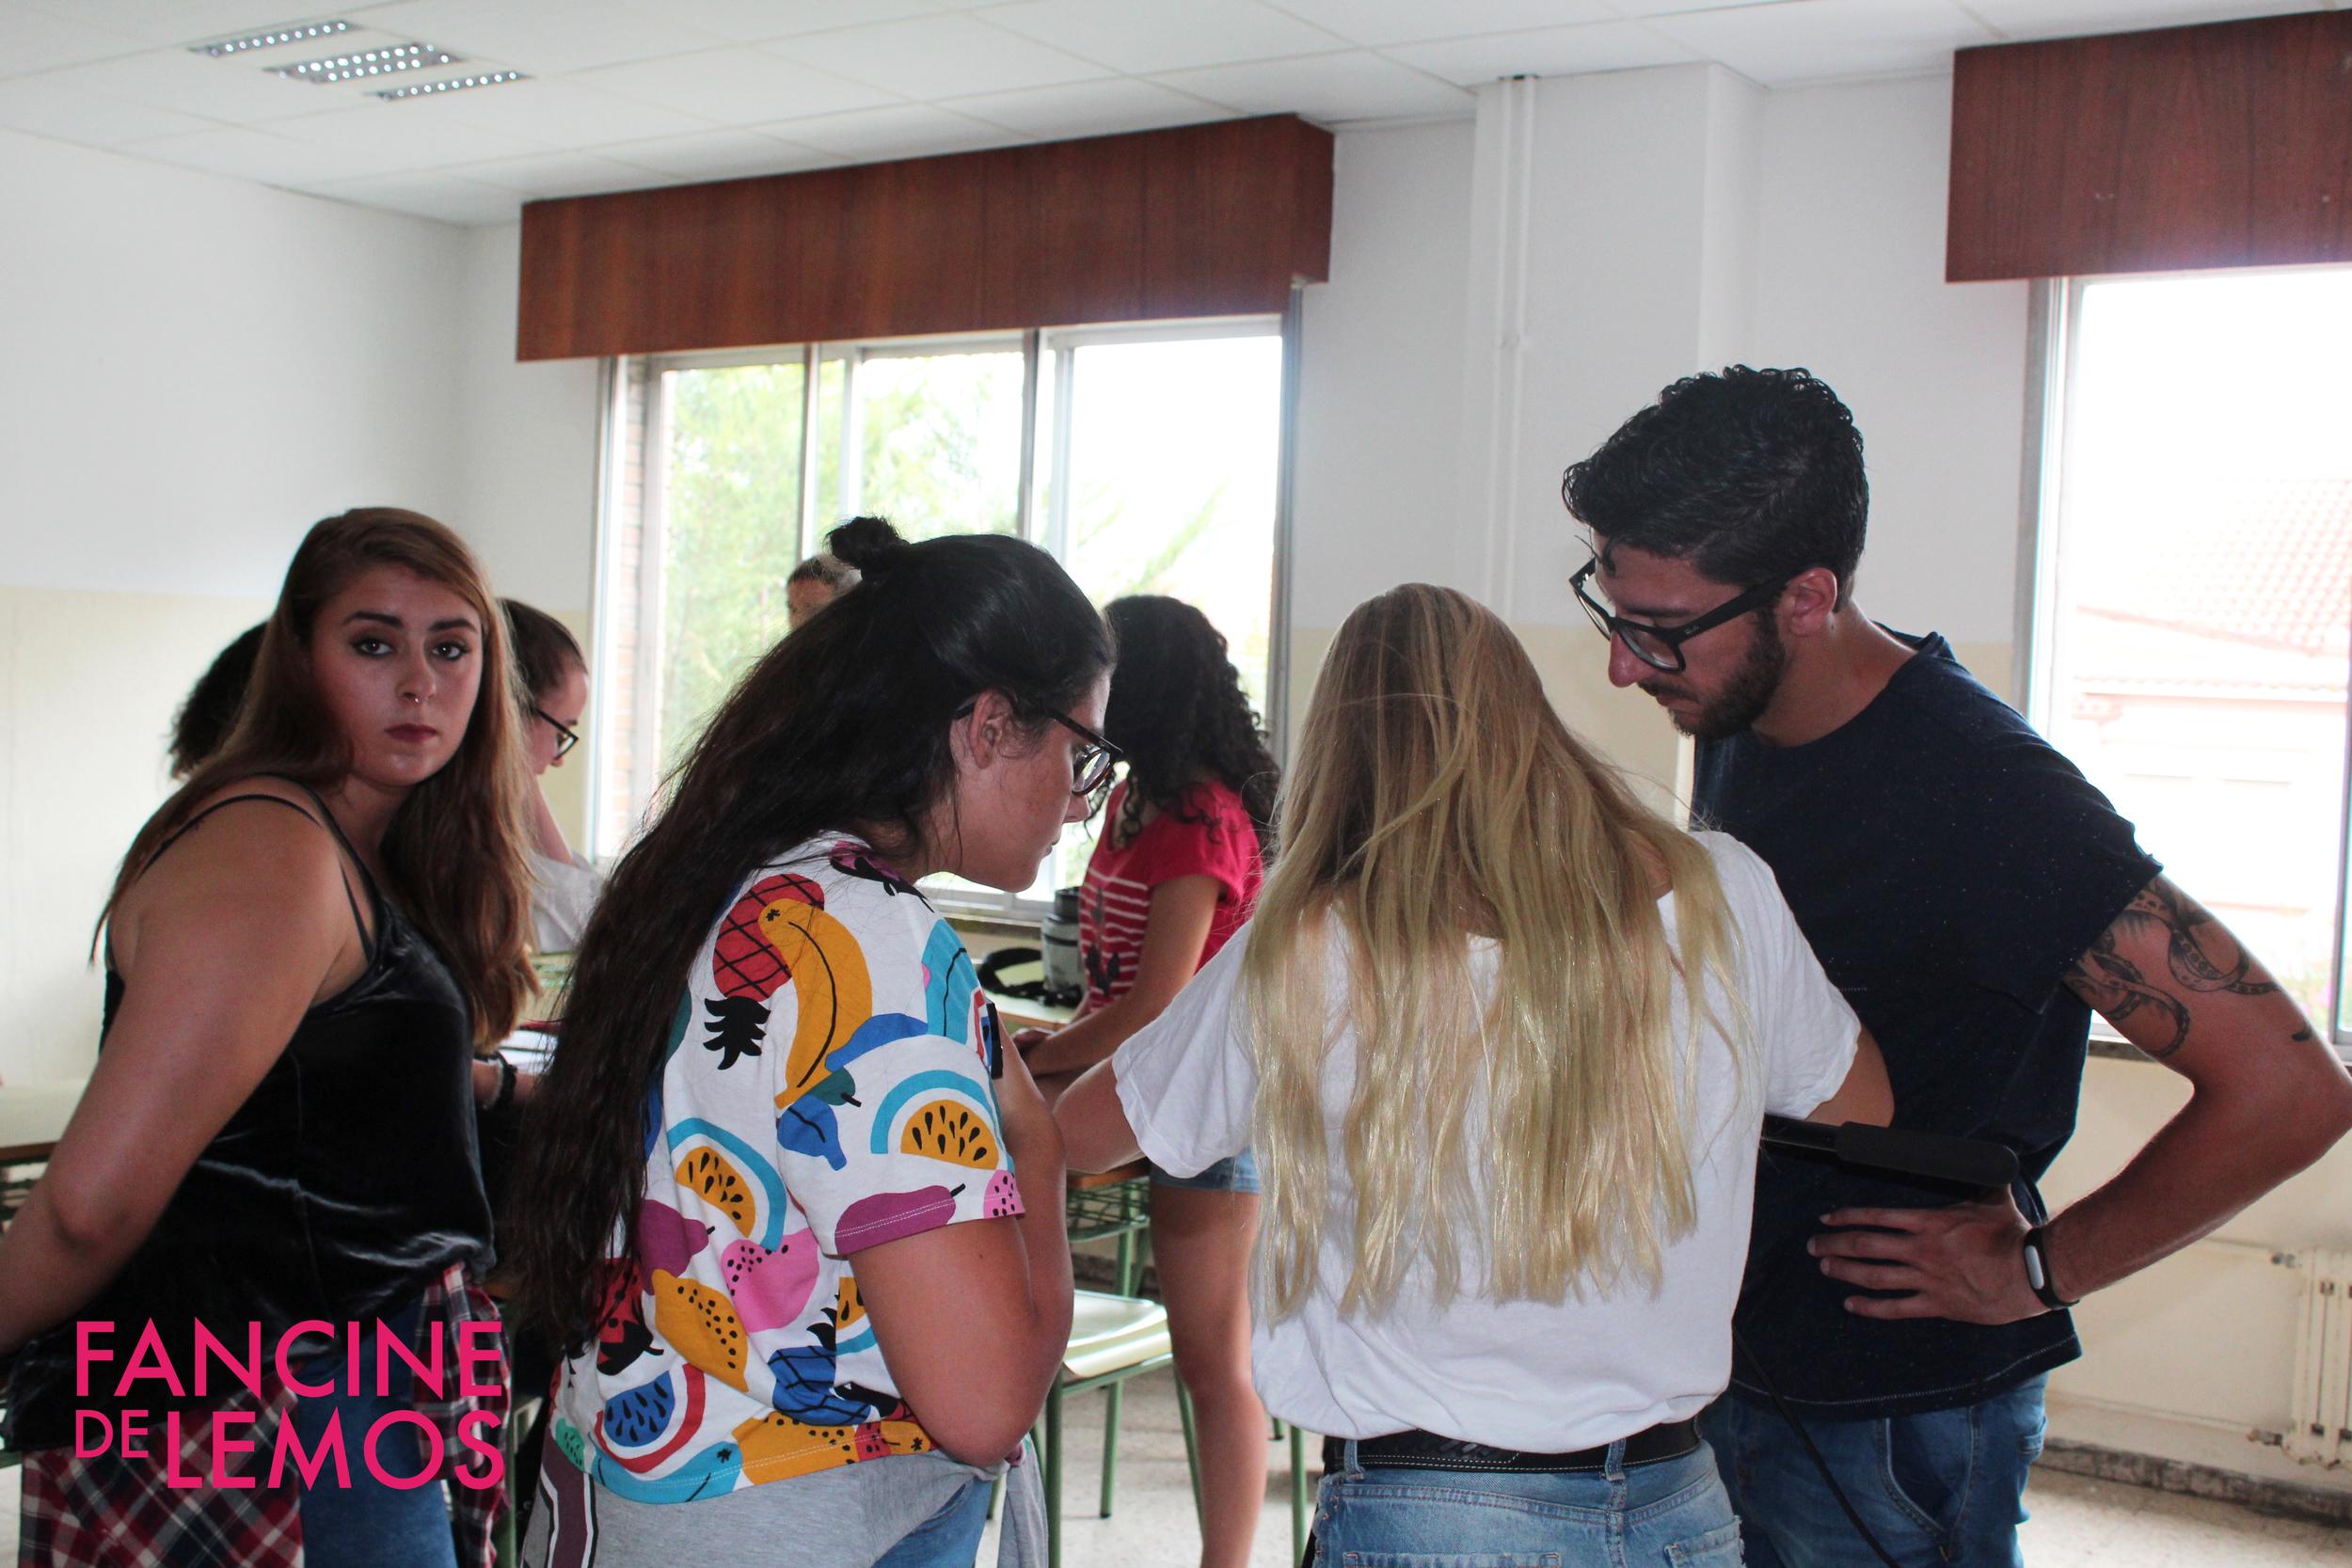 FANCINEDELEMOS_RIOCABE_03.jpg